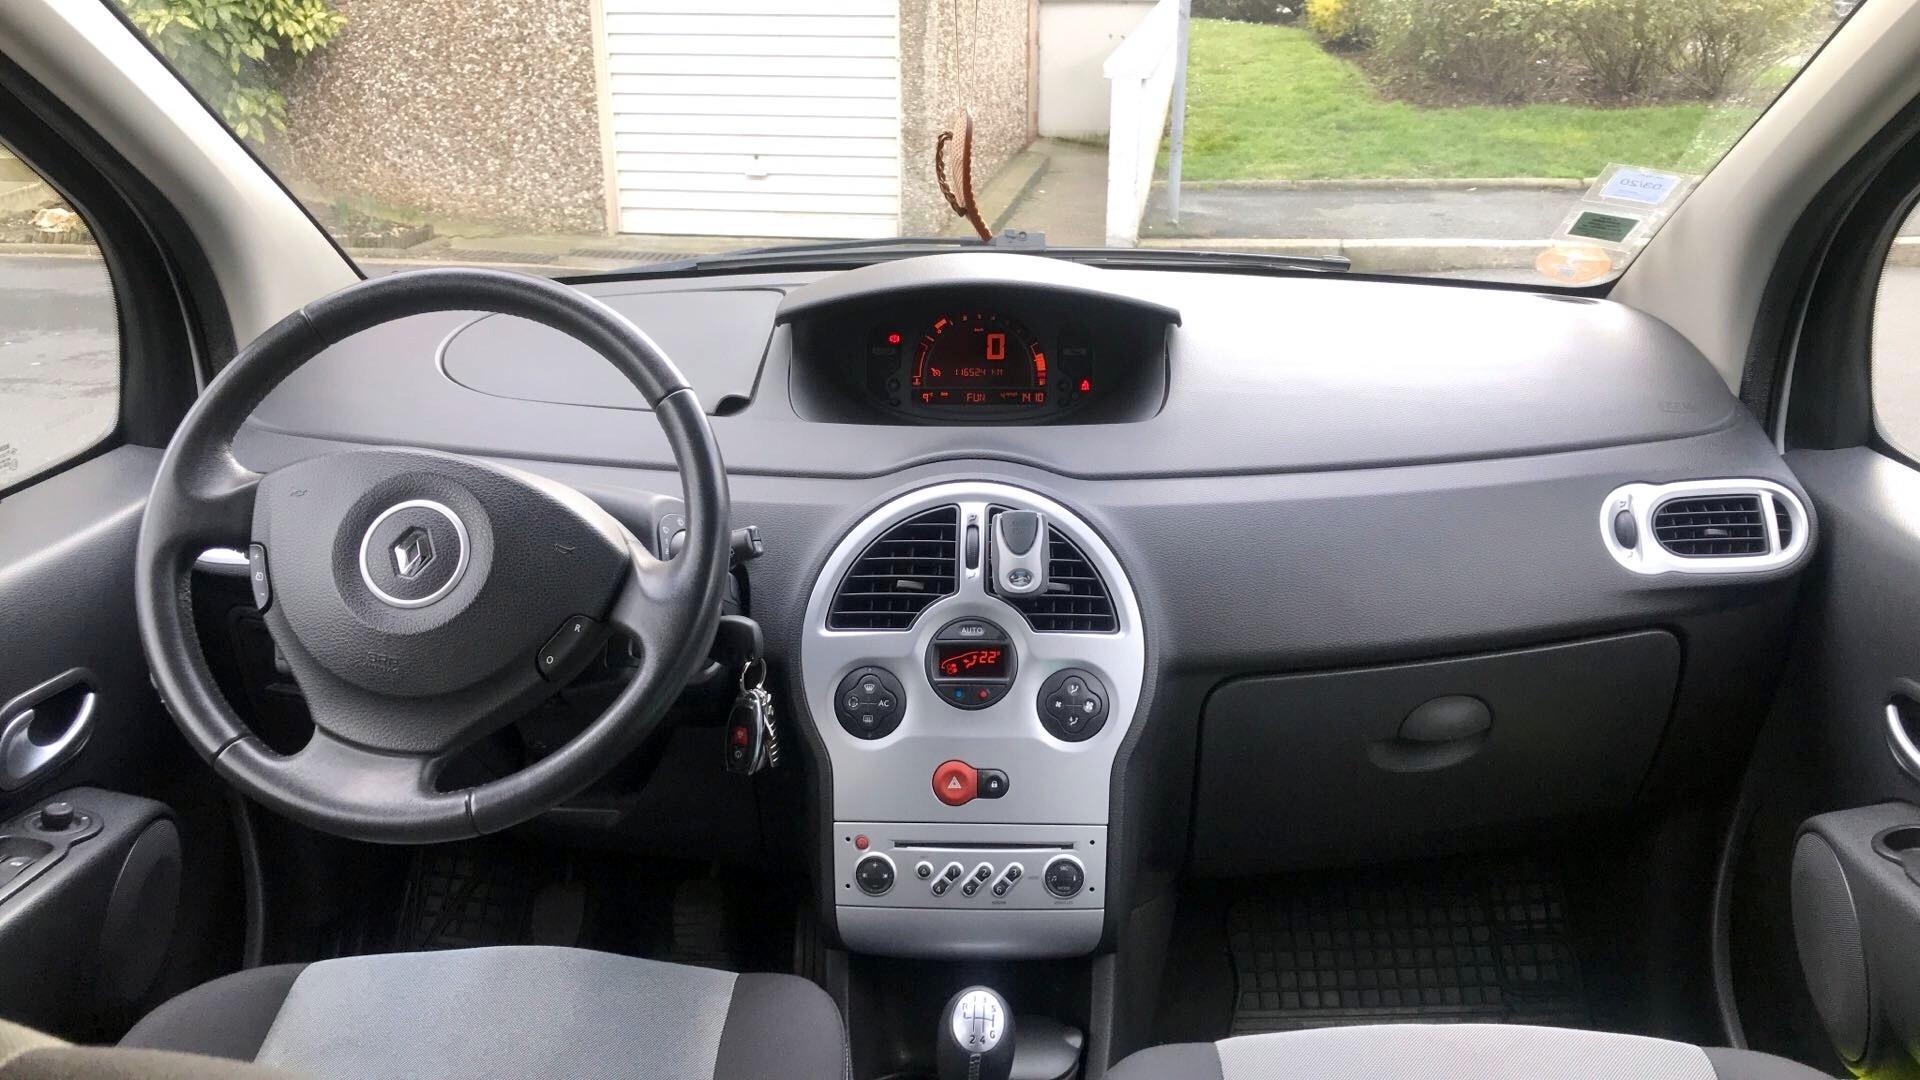 Renault Grand Modus D Occasion Grand Modus 1 5 Dci 105 Eco2 Dynamique L Hay Les Roses Carizy